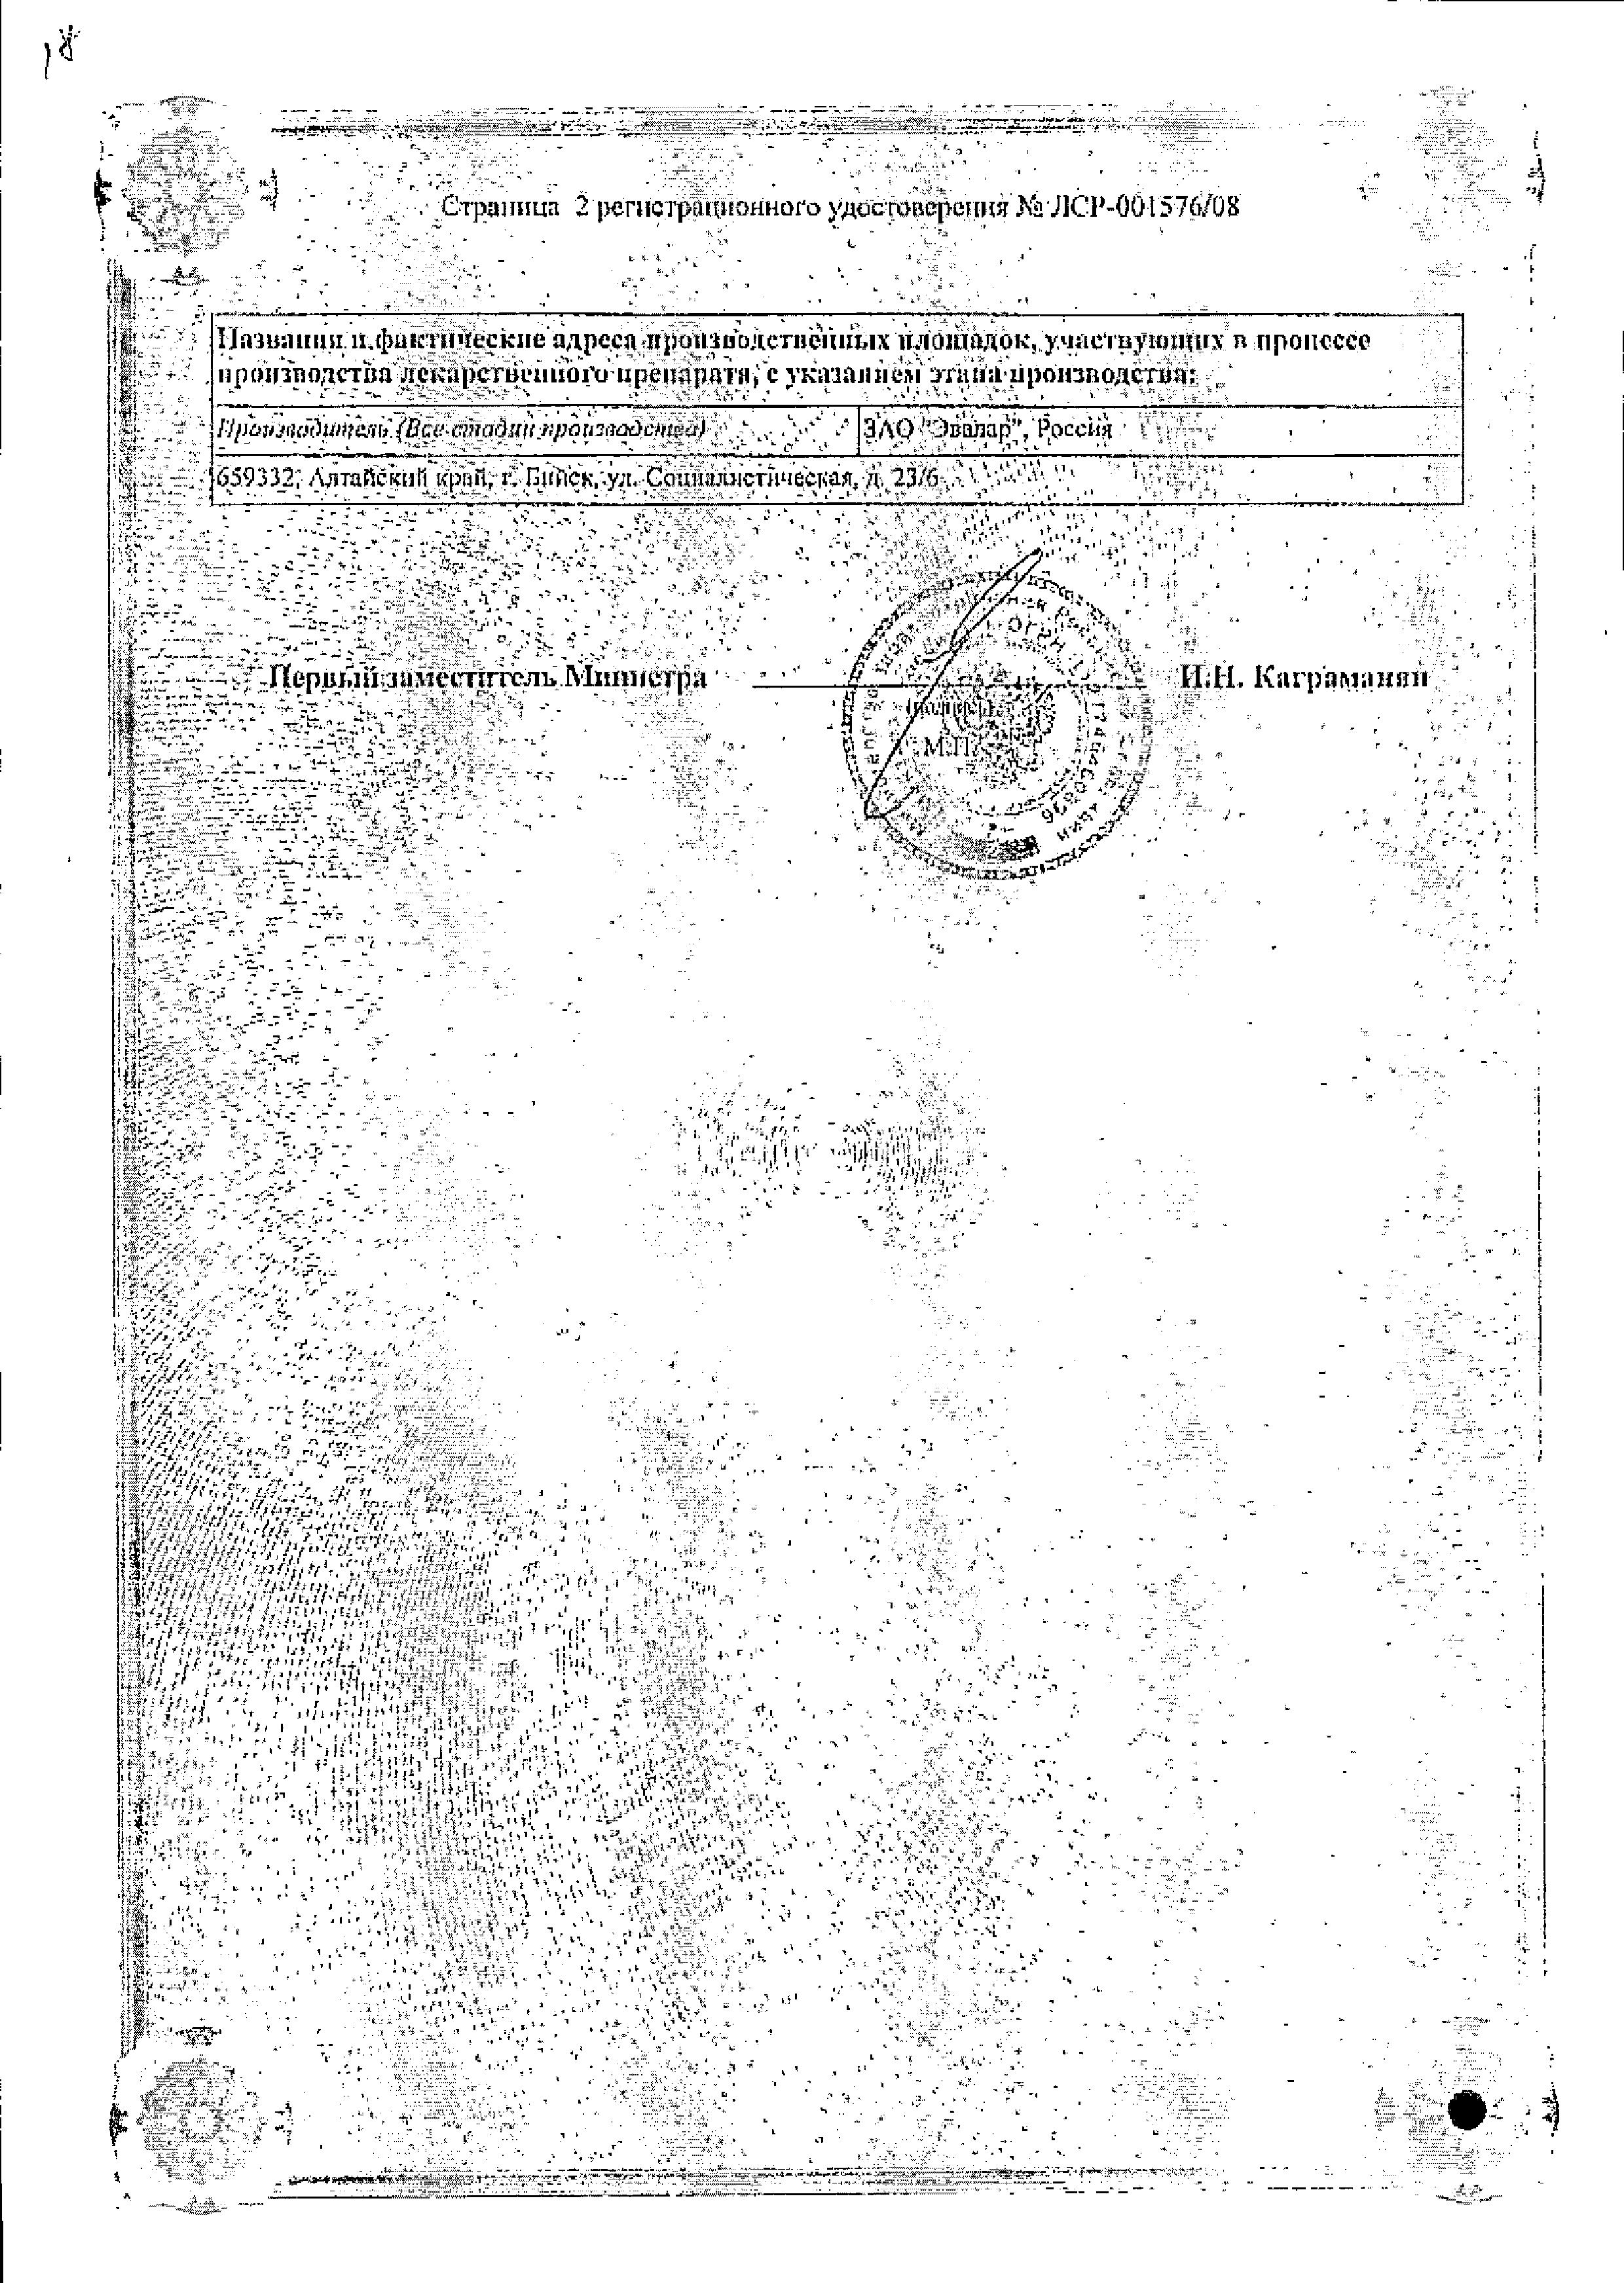 Гинкоум сертификат